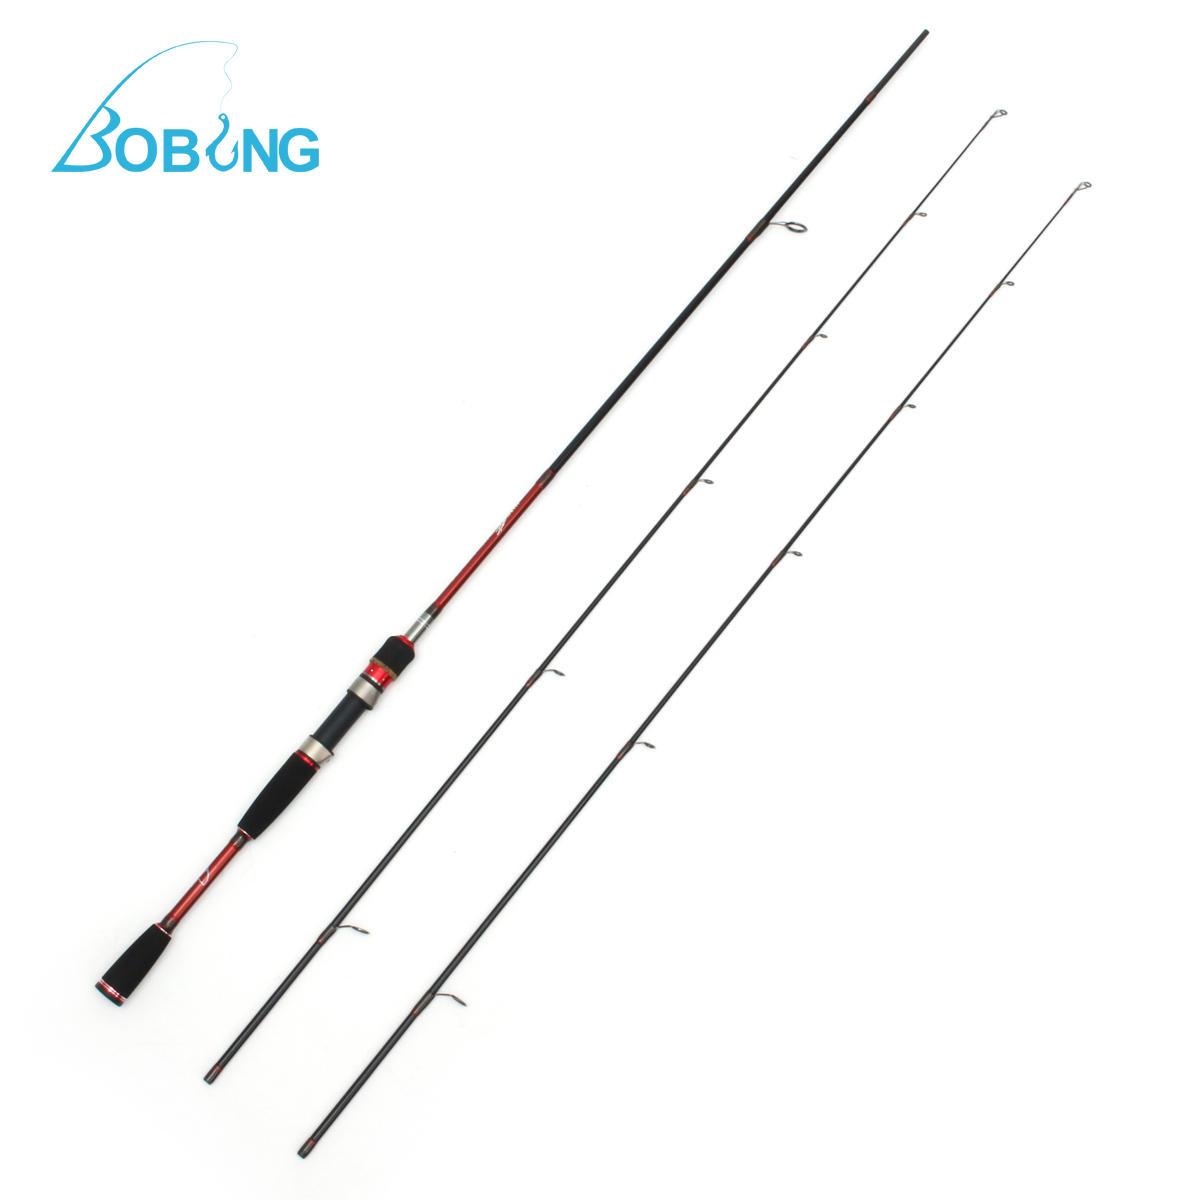 Bobing 2.1M Carbon Fiber ML Fishing Rod 5KG Load Bearing Spinning Fishing Rod